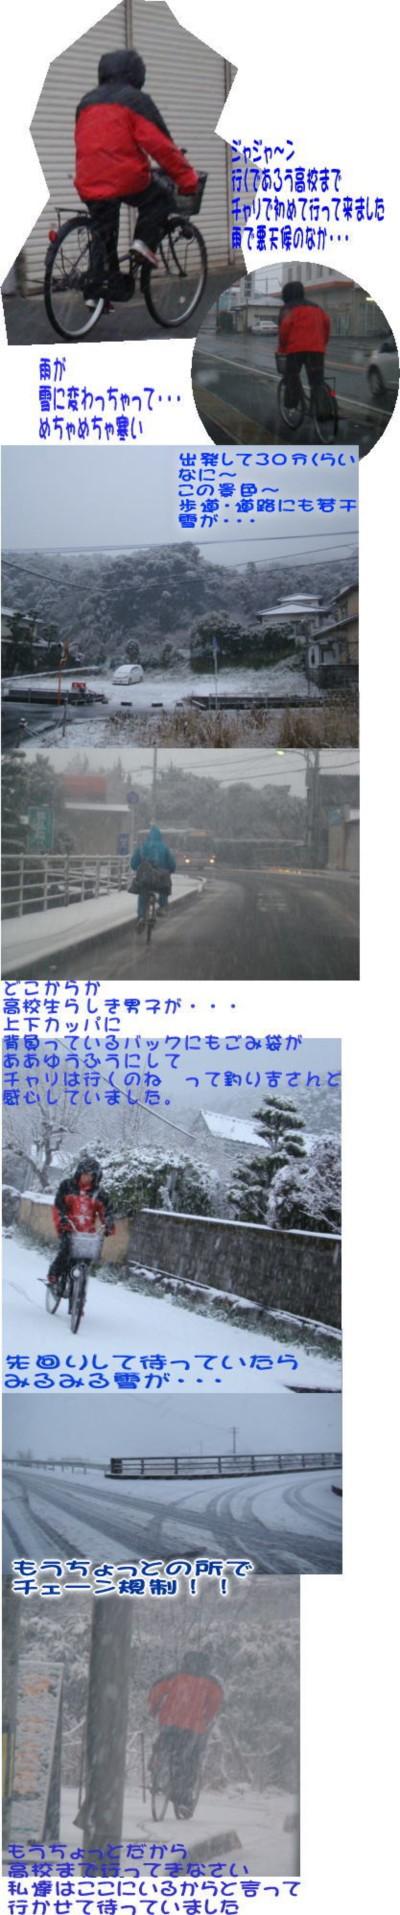 2011.1.10高校まで.jpg